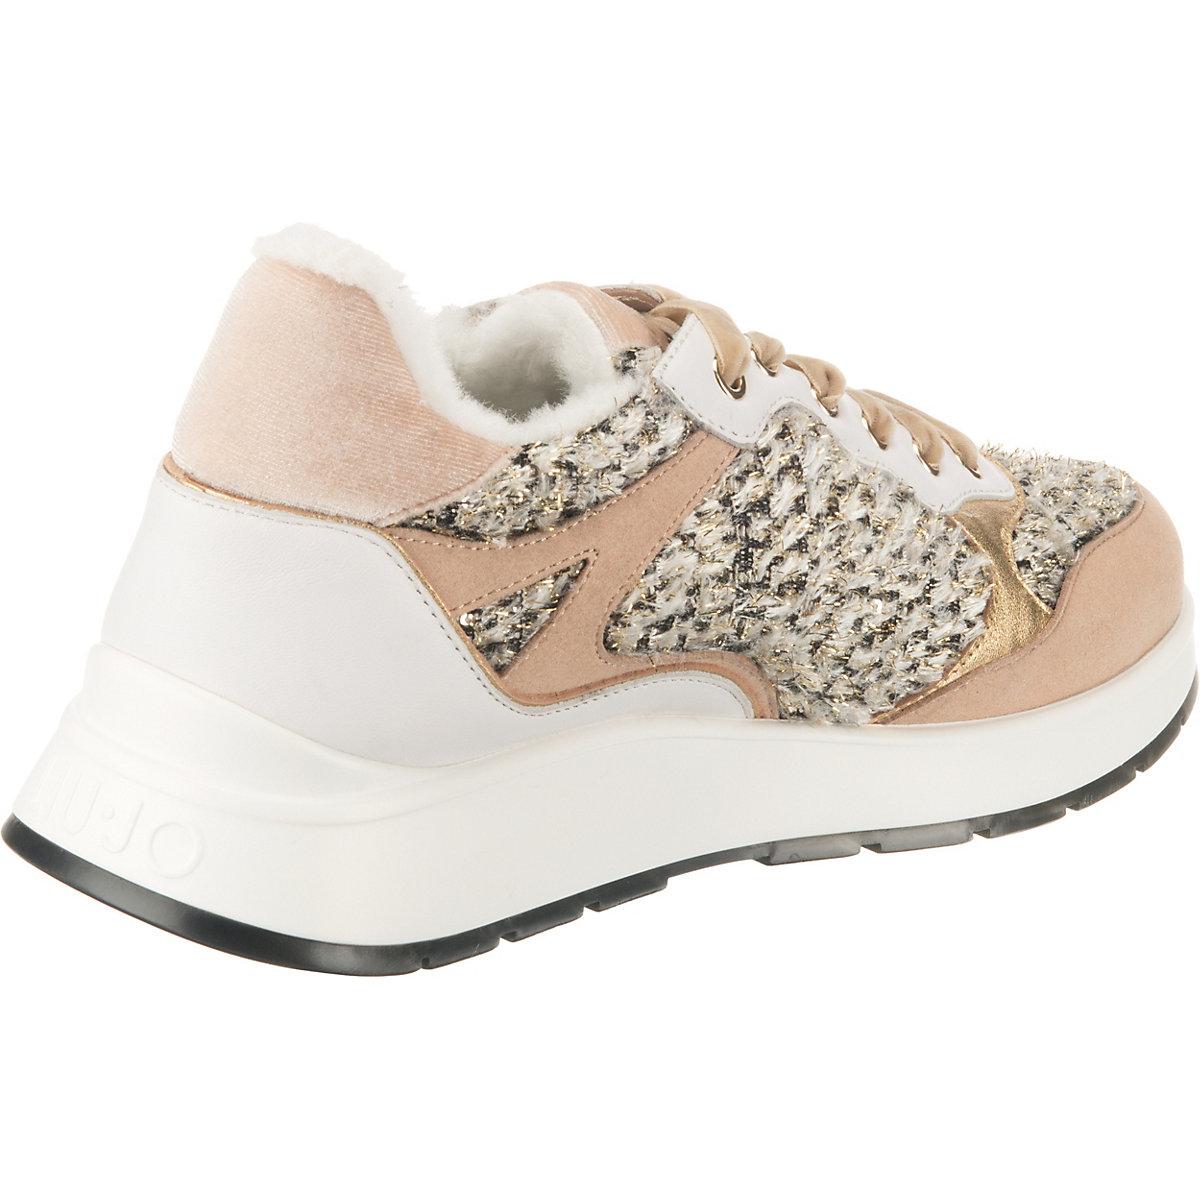 LIU JO, ASIA 06 Sneakers Low, beige-kombi